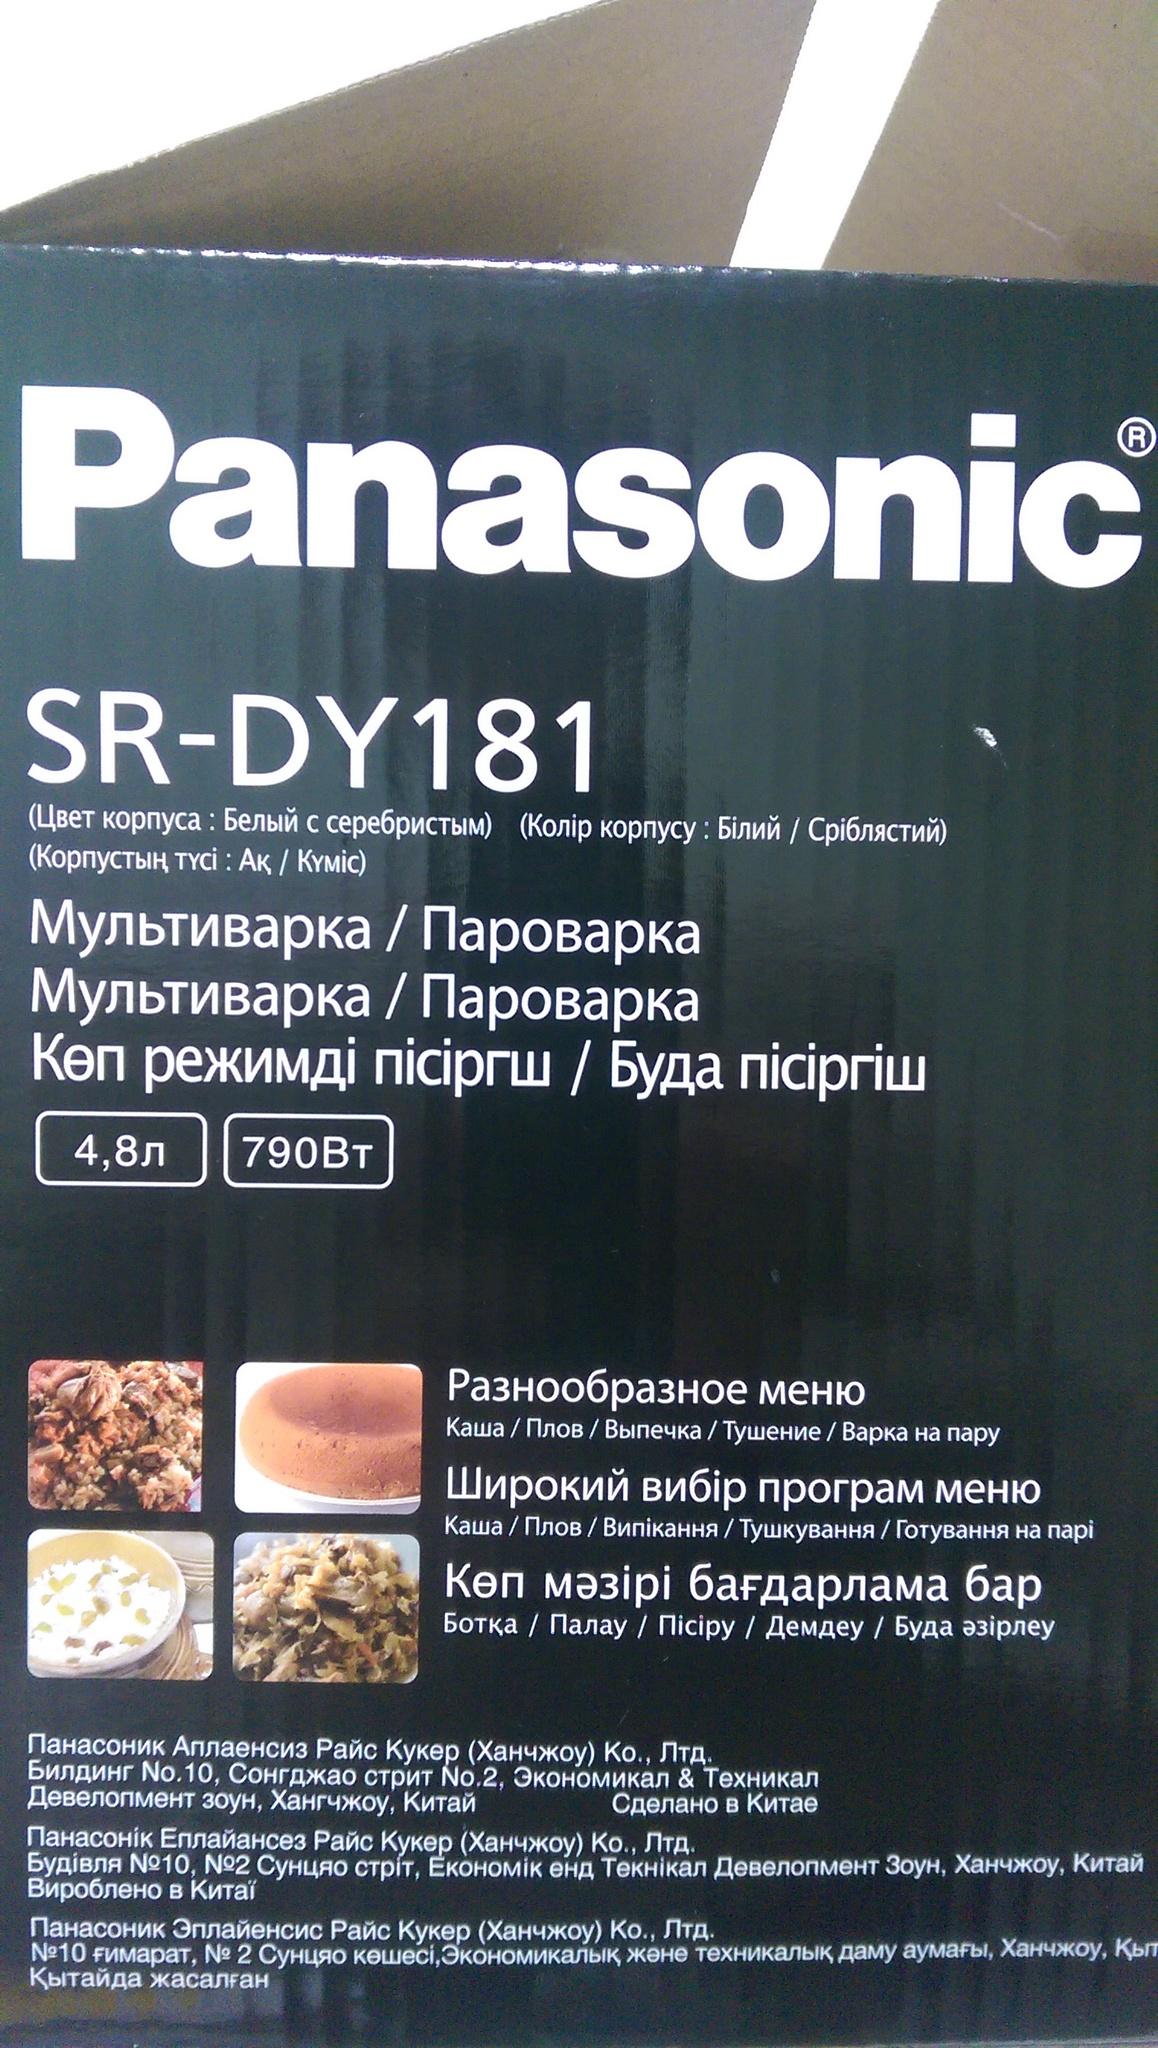 Мультиварка Panasonic SR-DY181WTQ Объем чаши составляет 4.8 литра Мощность 790 Ватт Завод Изготовитель Китай